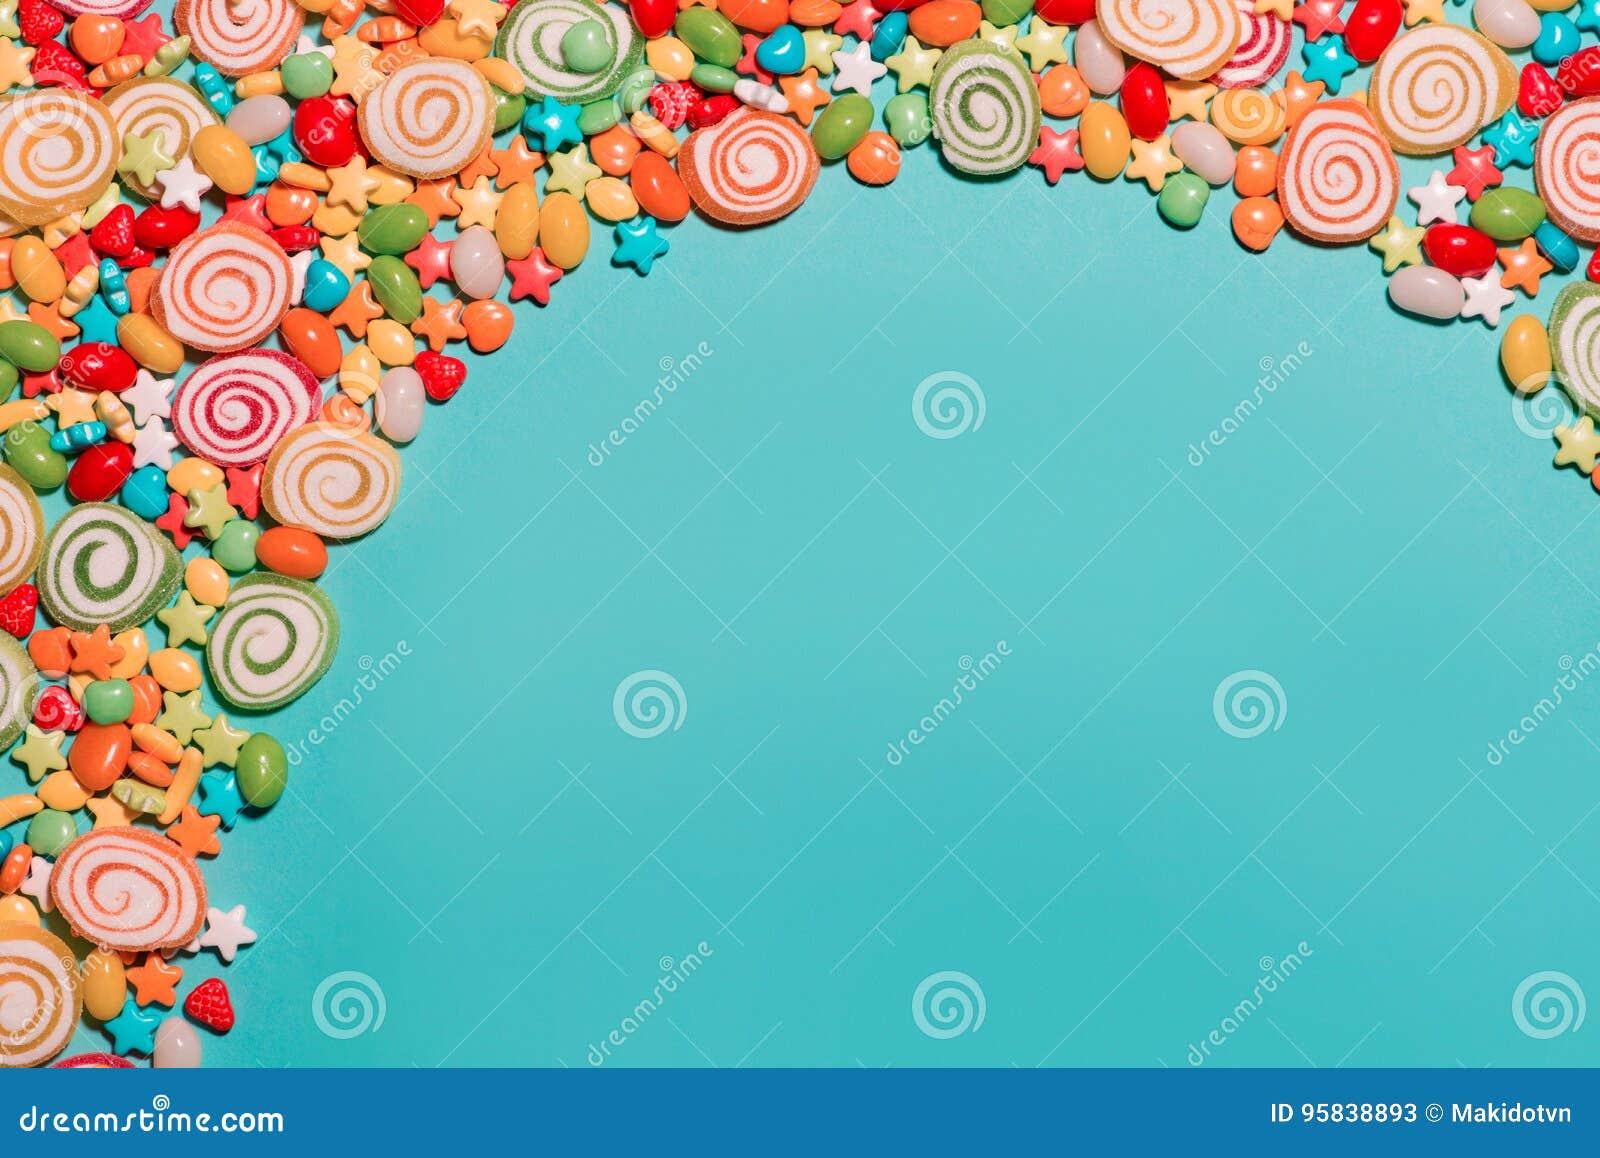 Imagenes Coloridas De Fondo: Caramelos Y Jaleas Coloridos Como Fondo Imagen De Archivo